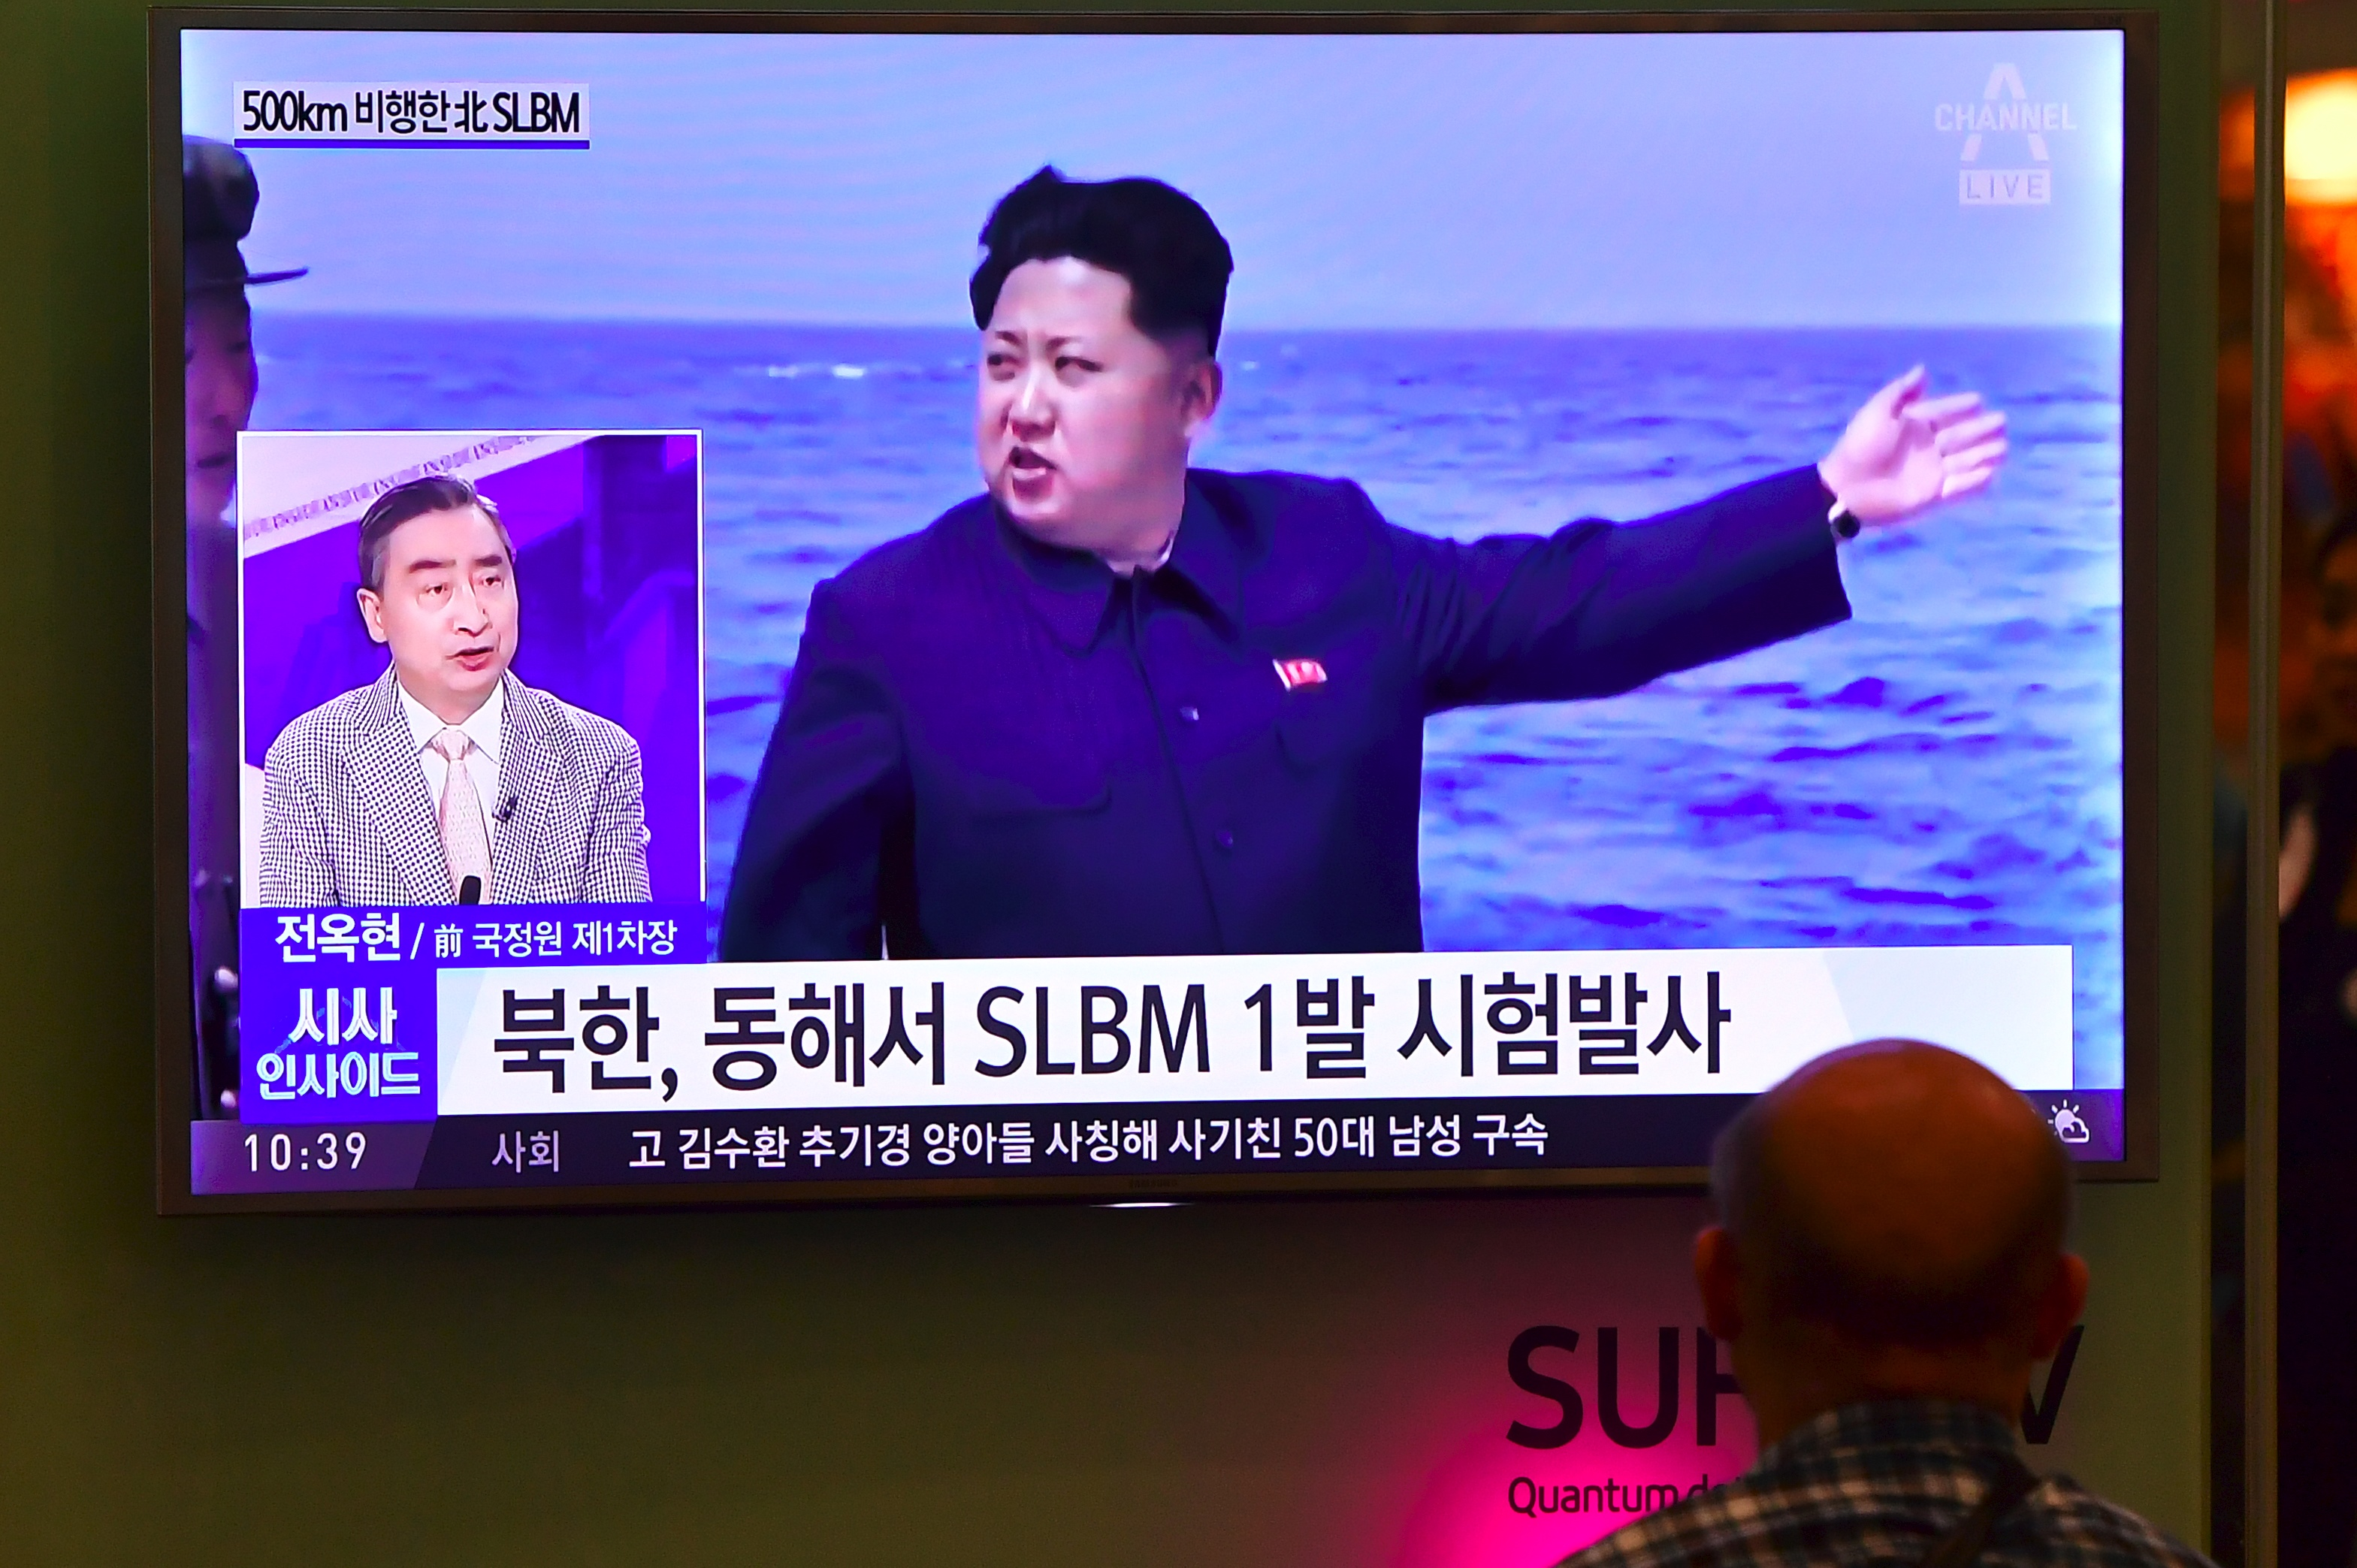 Észak-Korea bármikor kész folytatni az atomrobbantásokat